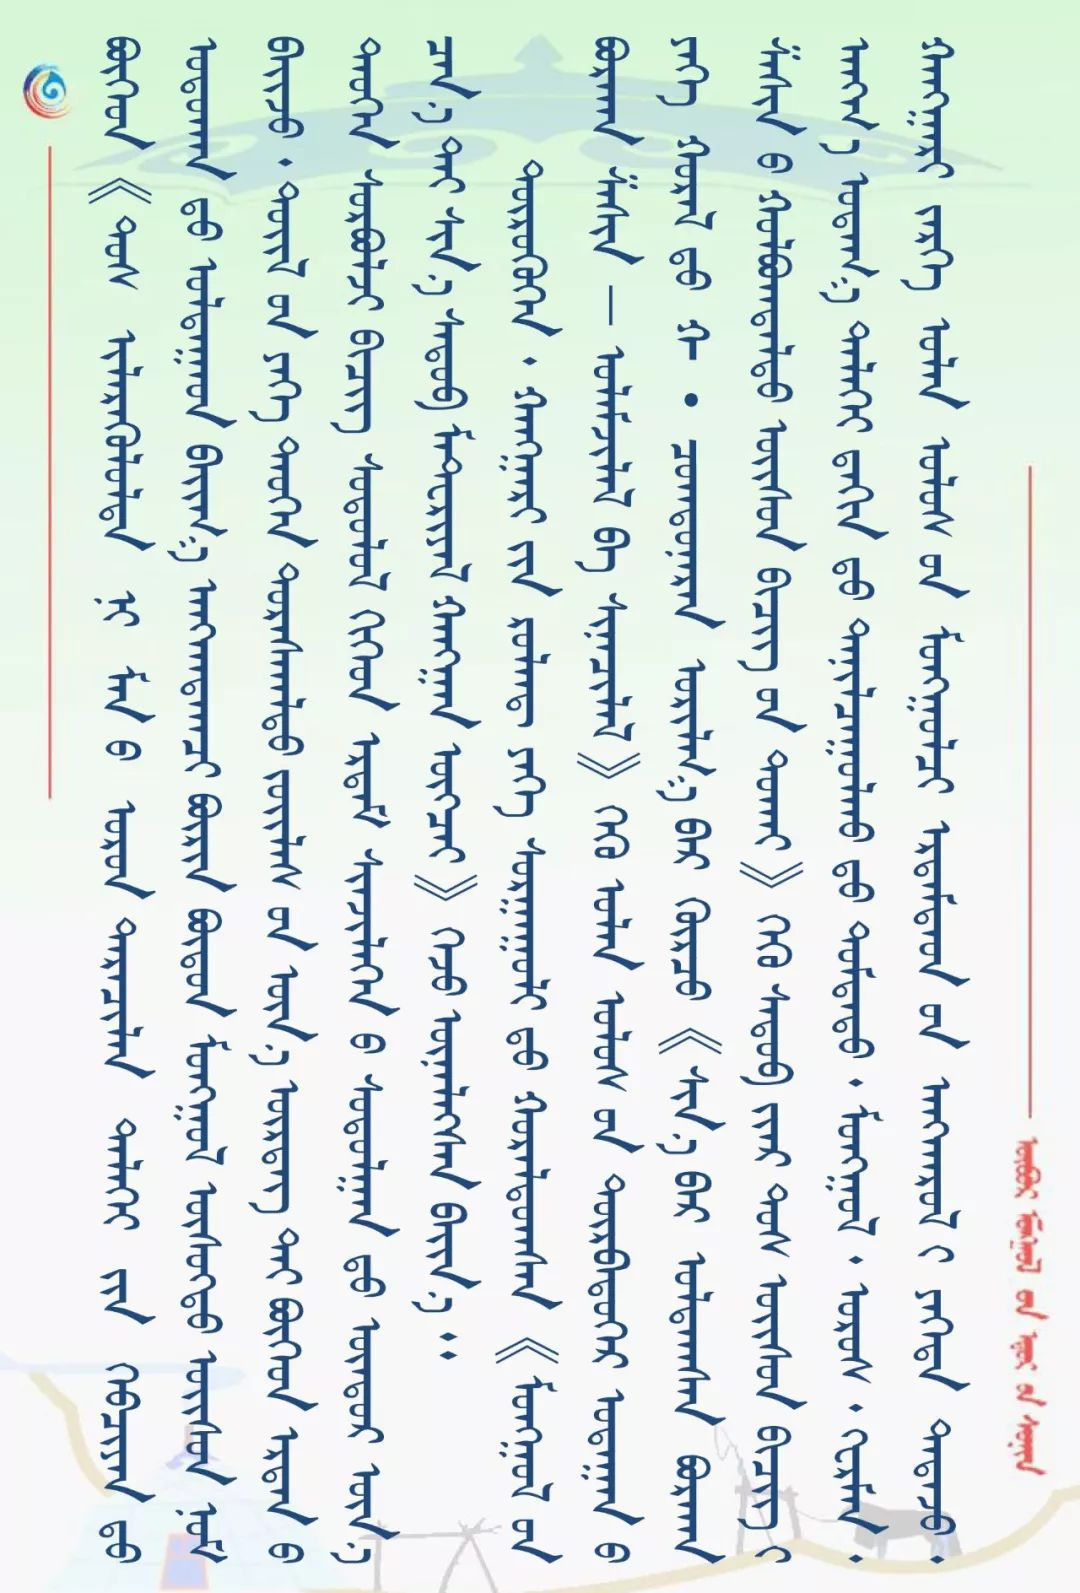 内蒙古:首次发现世界首部全文桦树皮蒙古文文献 第6张